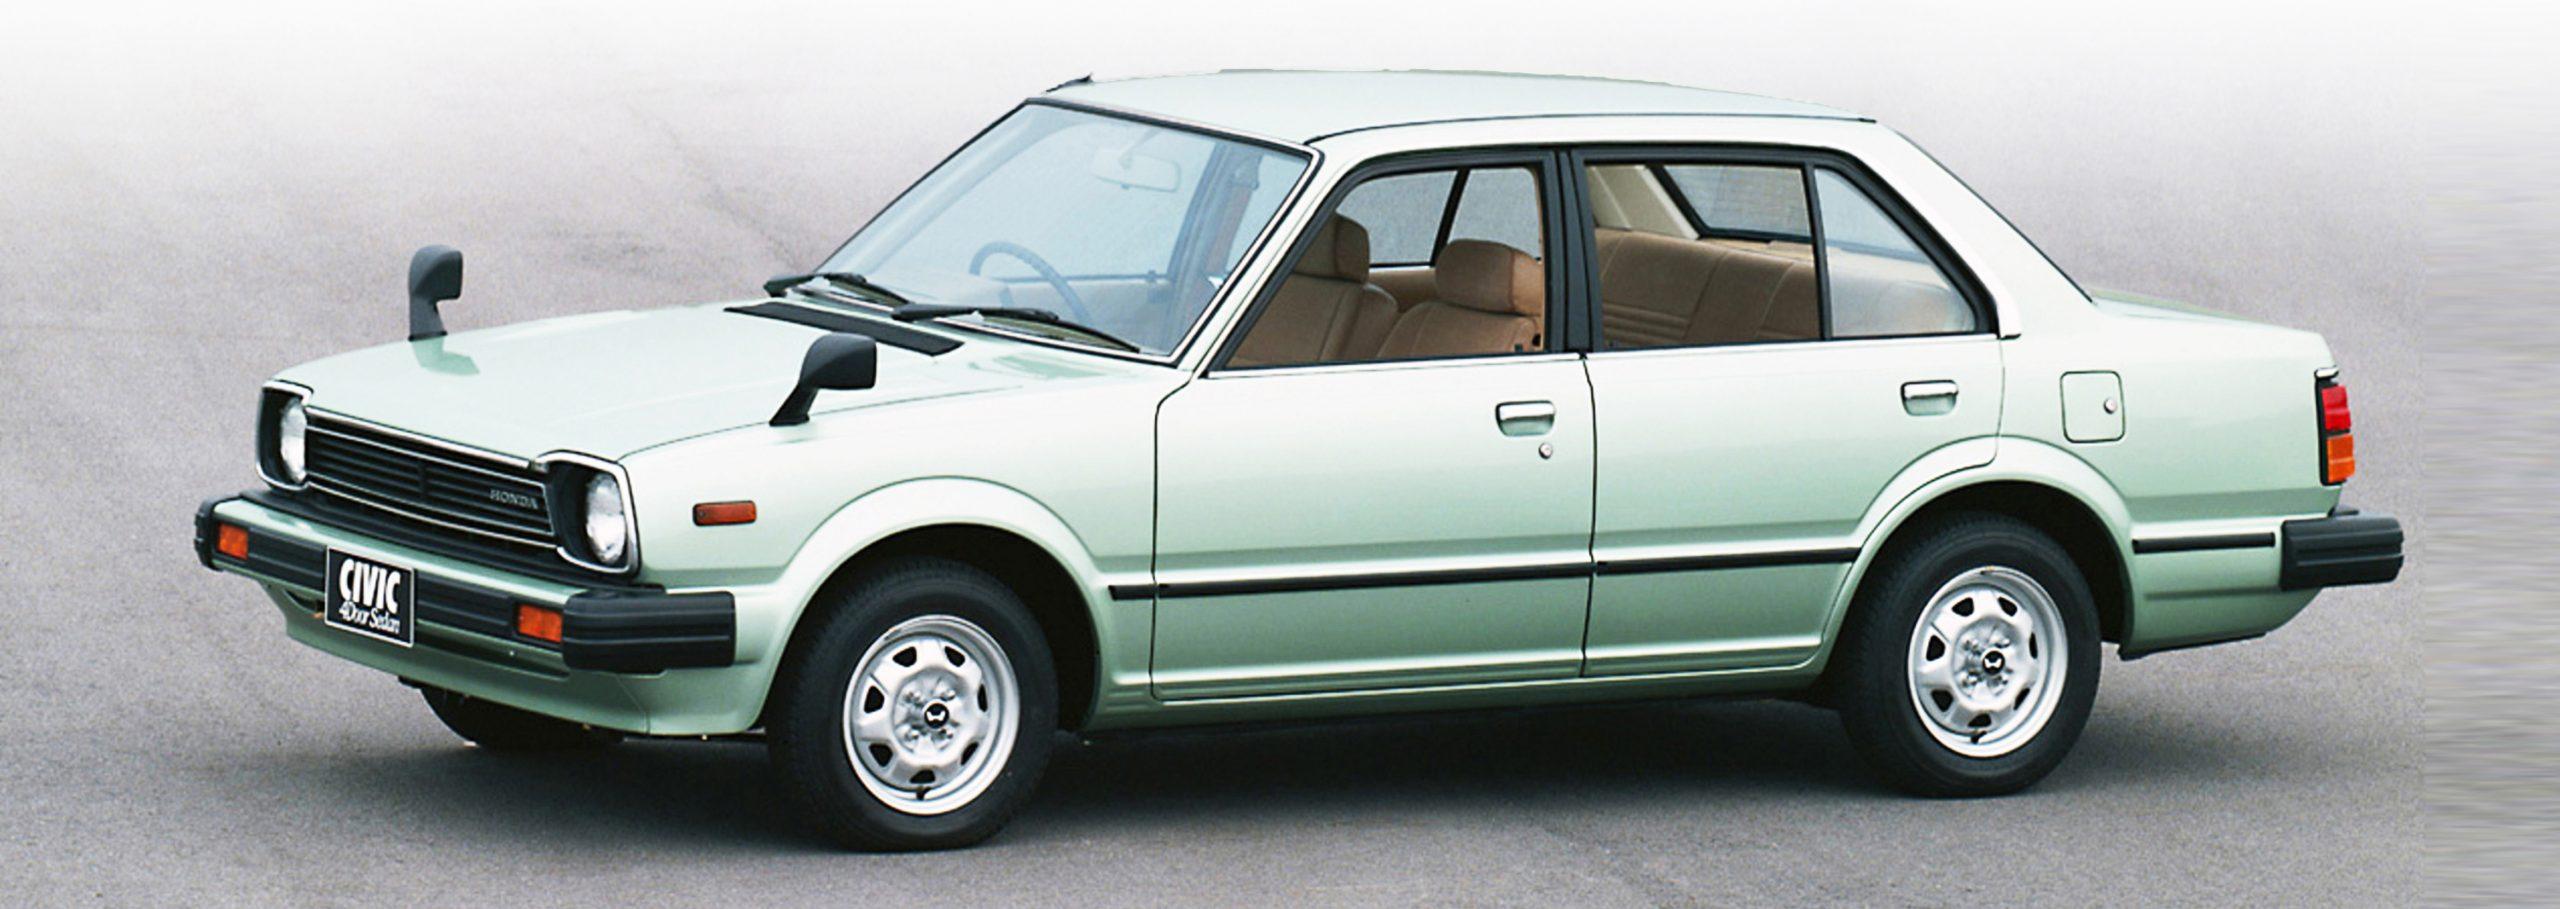 2'nci nesil Honda Civic sedan kasasıyla büyüdü